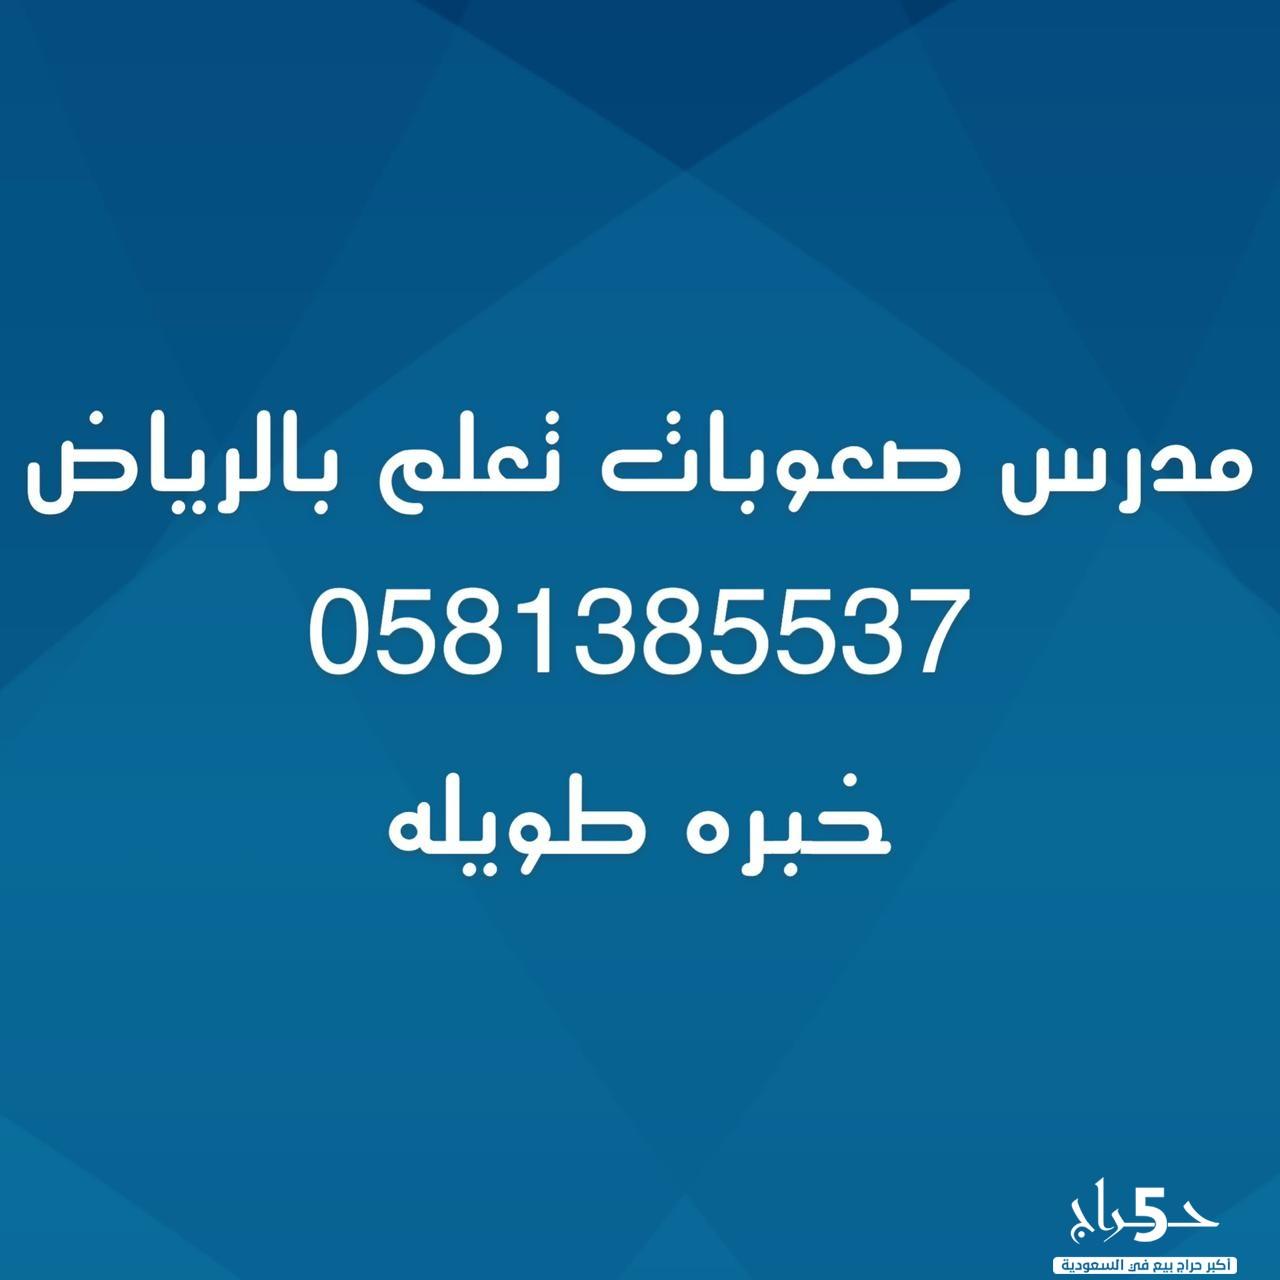 معلم صعوبات تعلم خصوصي بالرياض 0581385537